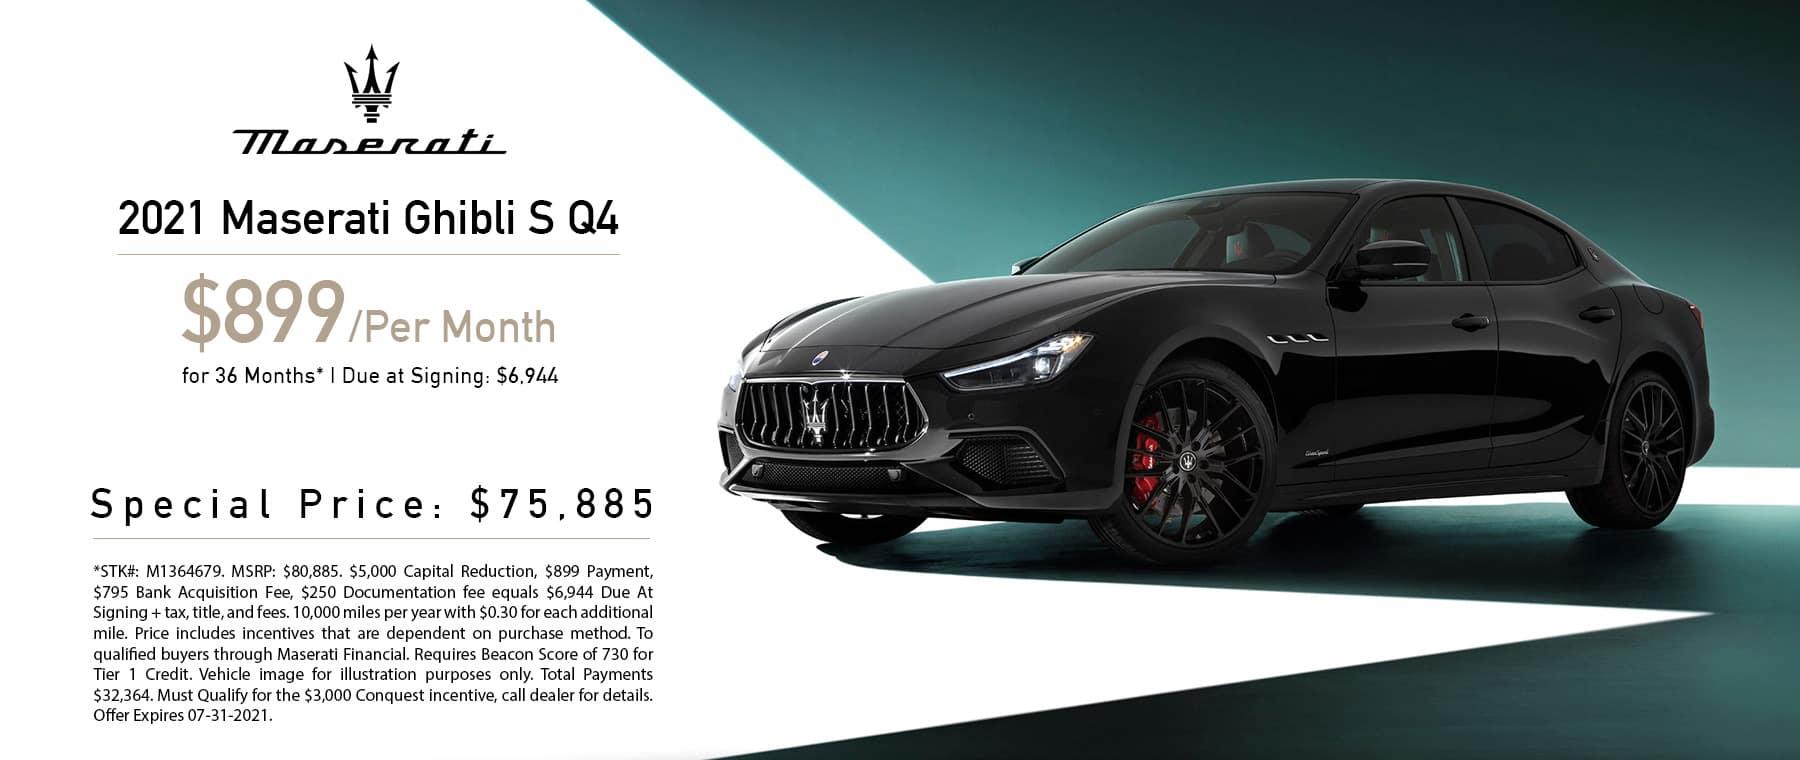 Maserati 2021 Ghibli Lease